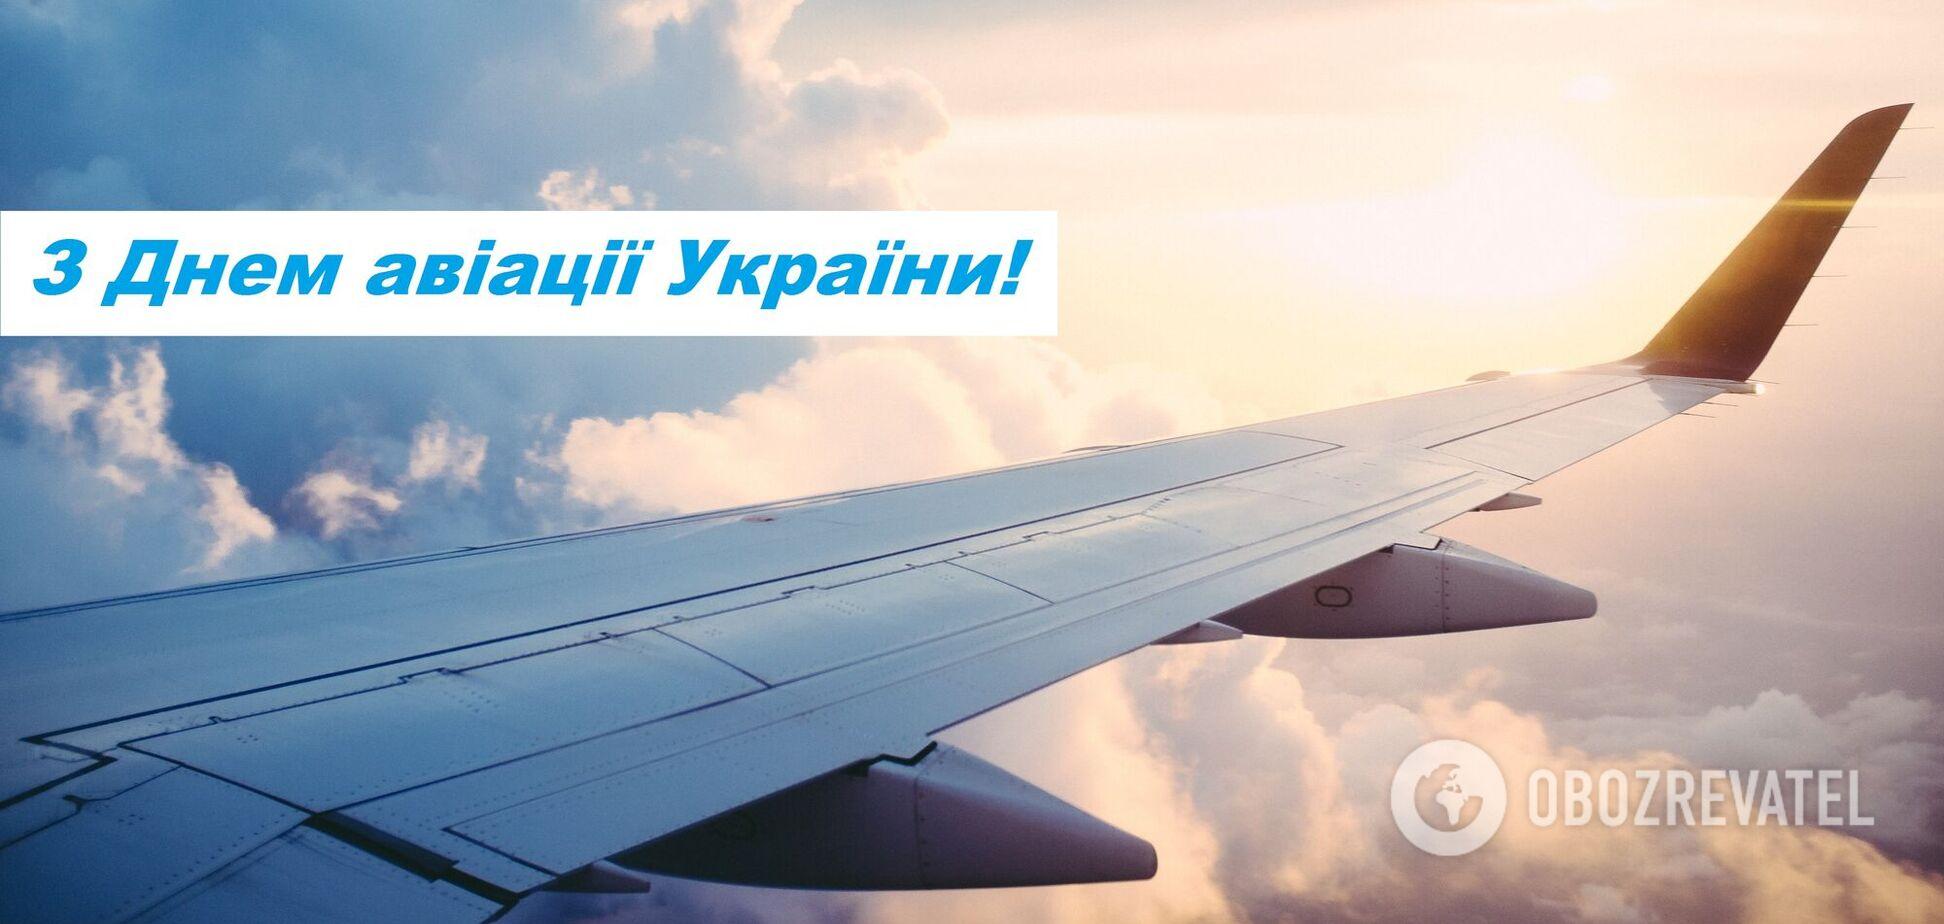 2021 року День авіації України випадає на 28 серпня